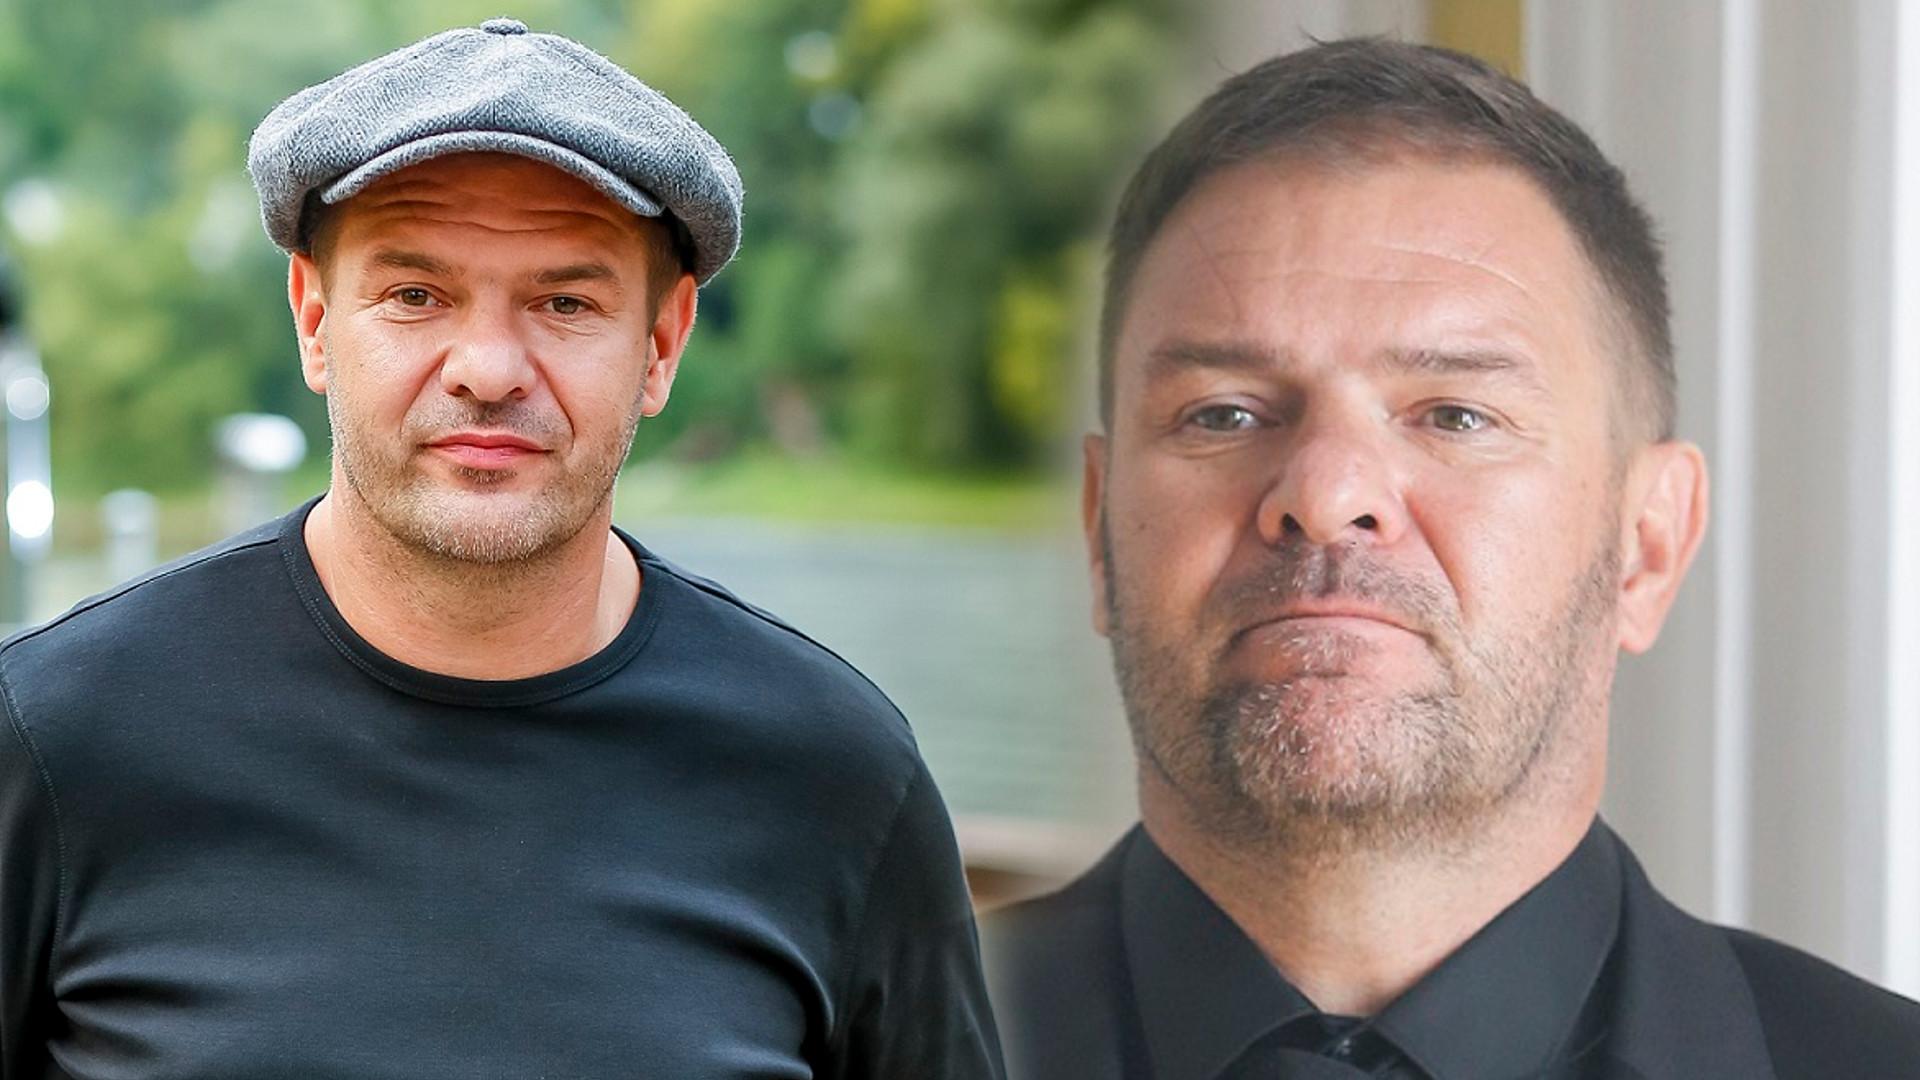 """Tomasza Karolaka WYPROSZONO ze sklepu. Aktor nie miał maseczki: """"Prędzej bym się od ochroniarza zaraził"""""""